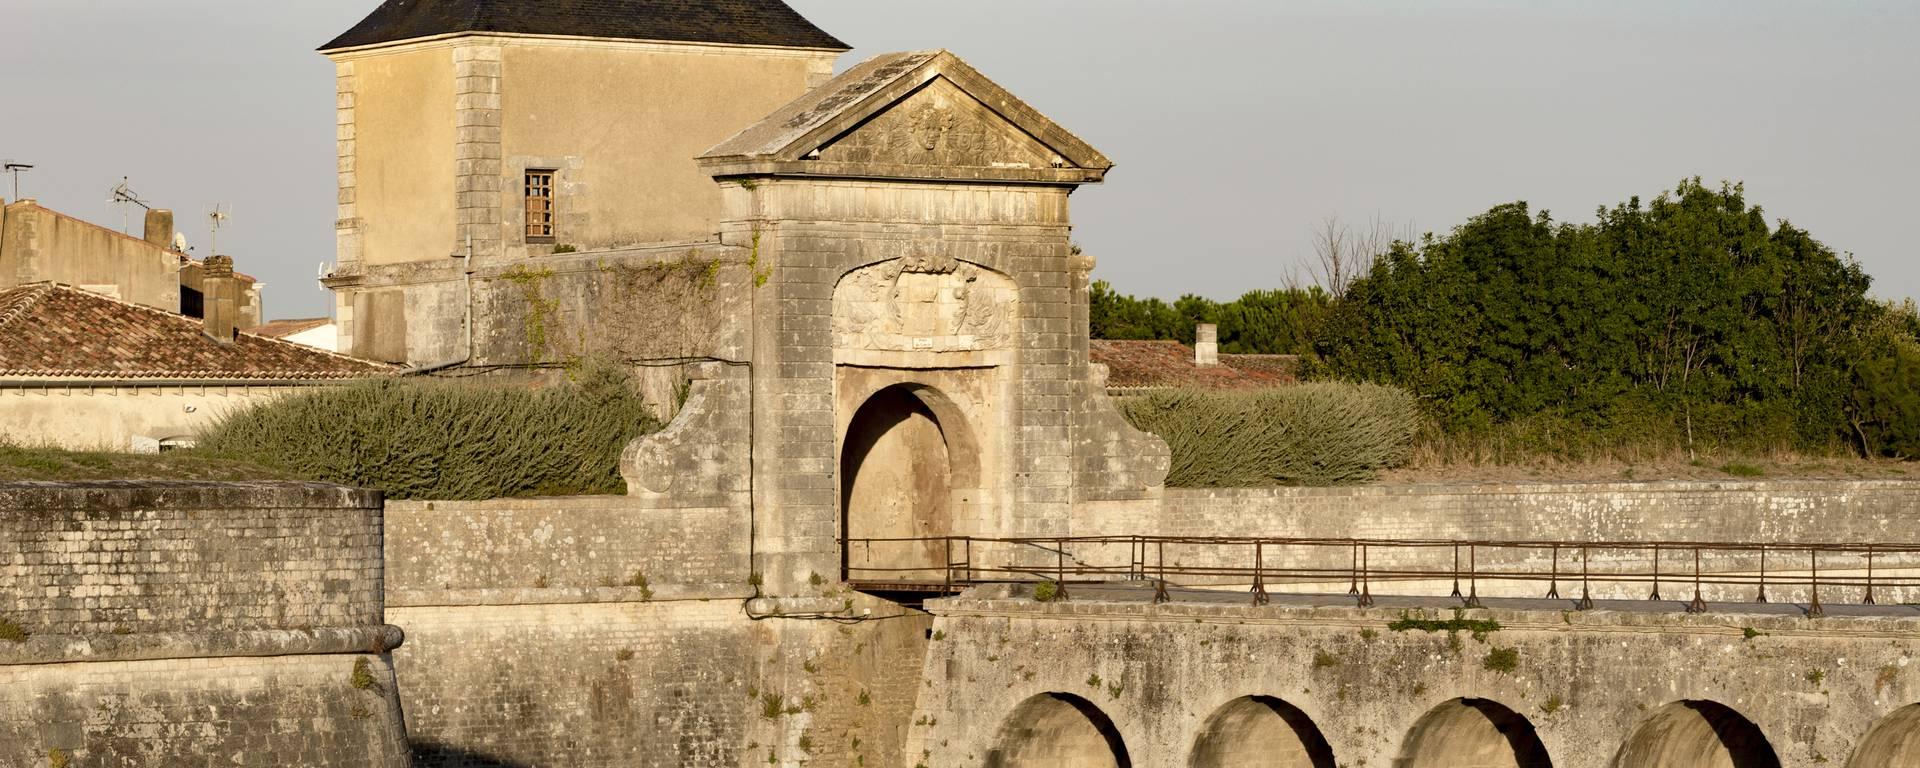 Les fortifications de Saint-martin de ré